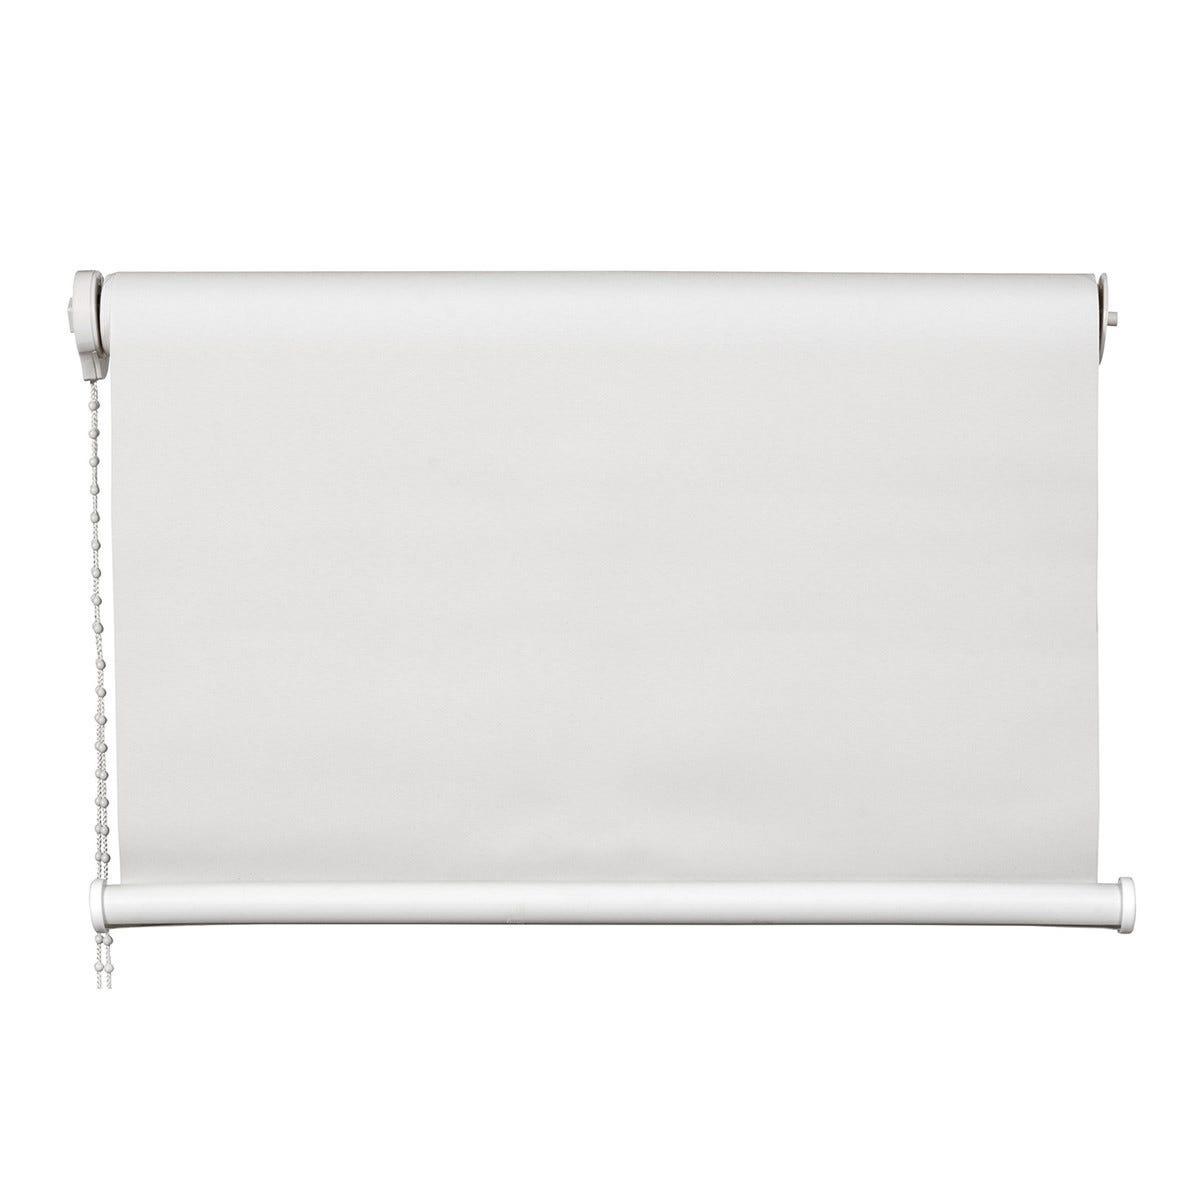 Tenda A Rullo Filtrante 45x250 Cm Bianco